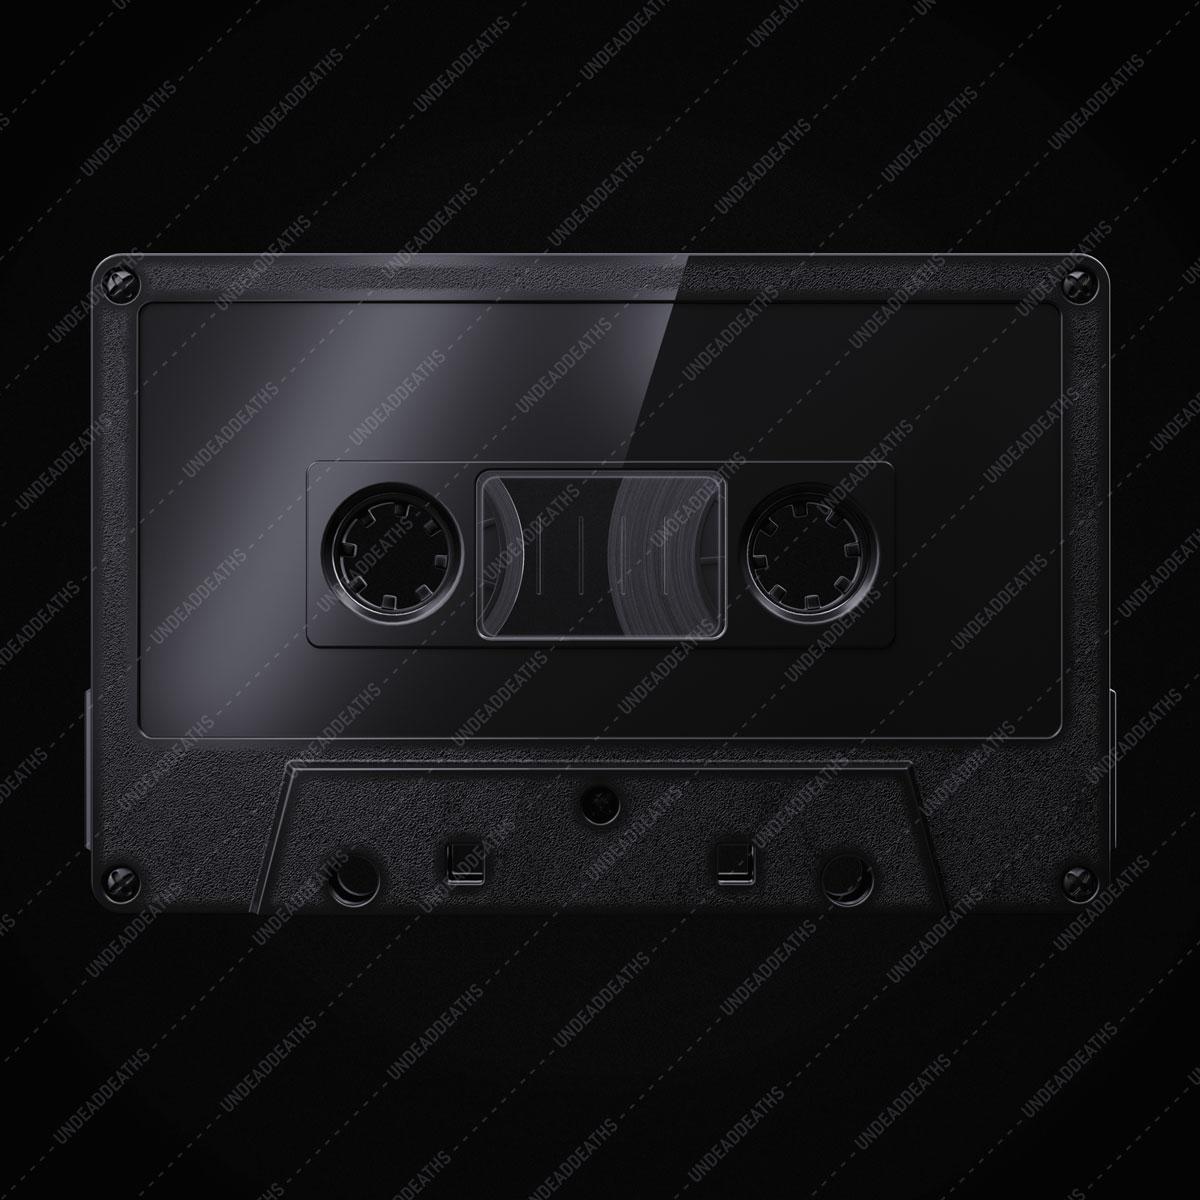 [淘宝购买] 潮流复古盒式磁带录音带设计智能贴图展示样机模板 Undead's Mix '80插图(5)